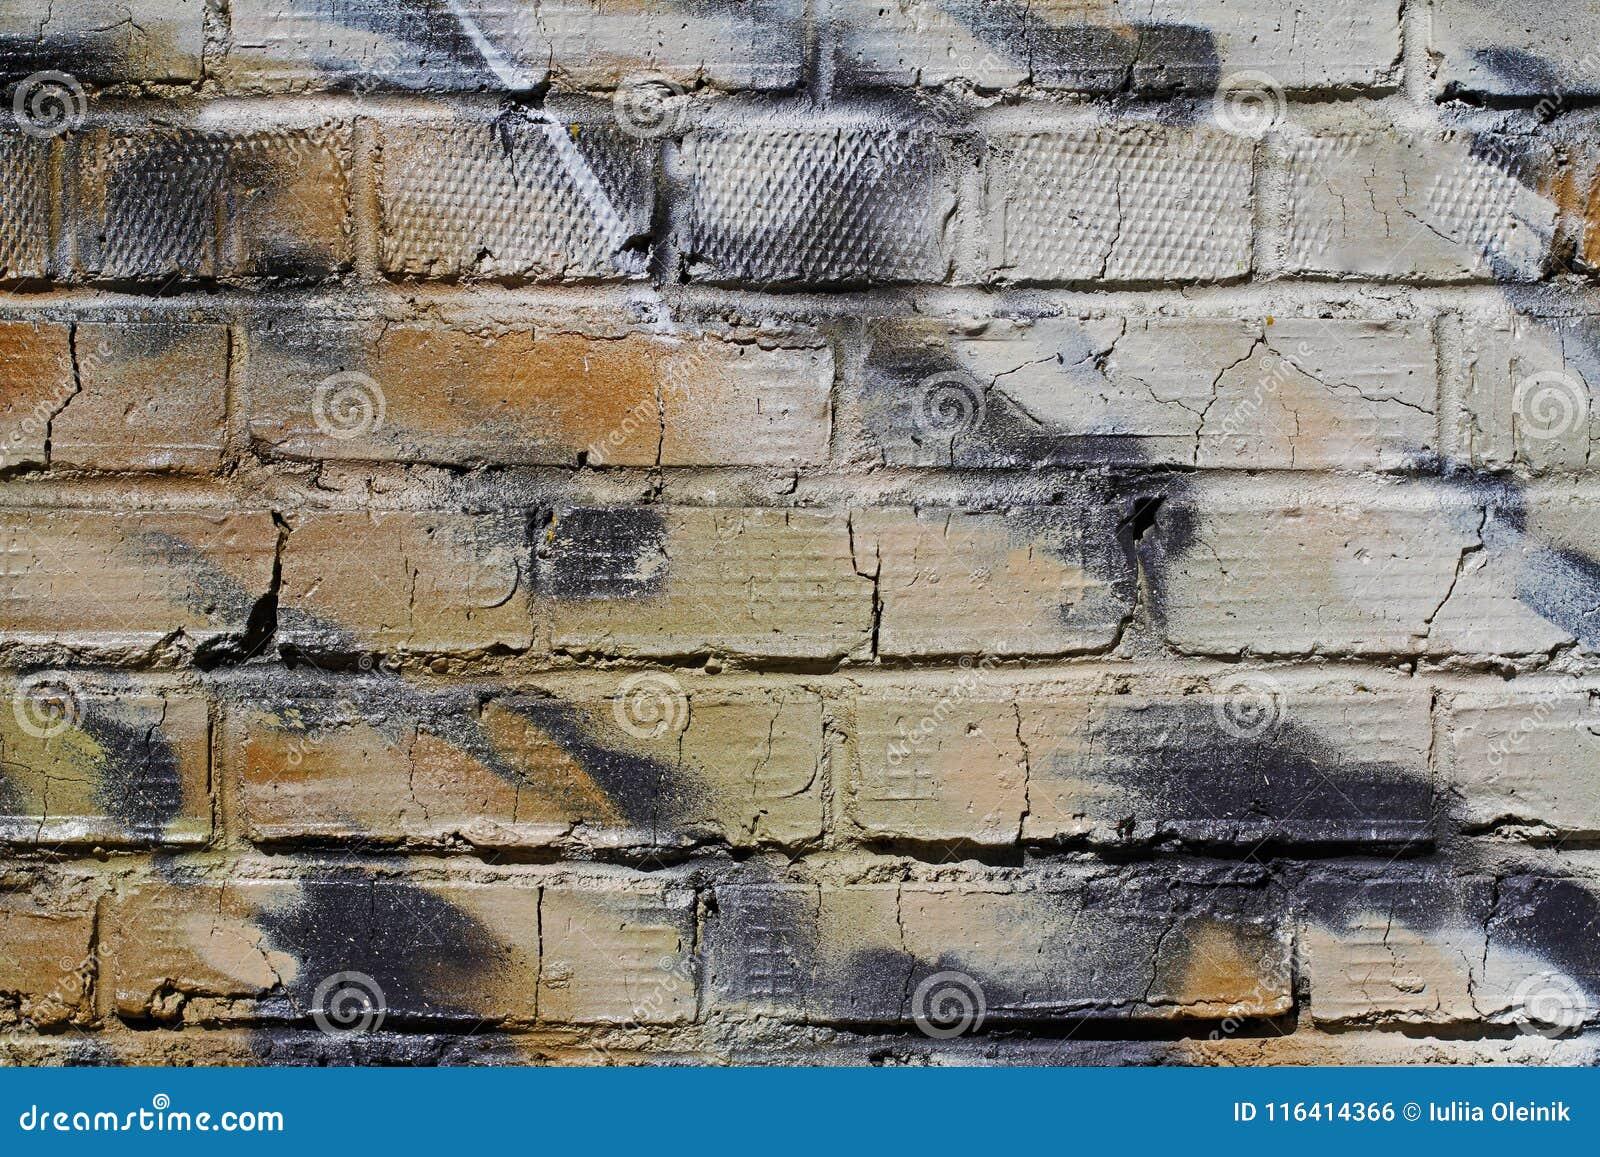 Abstracte kleurrijke groene, witte, beige en zwarte bakstenen muur met barsten